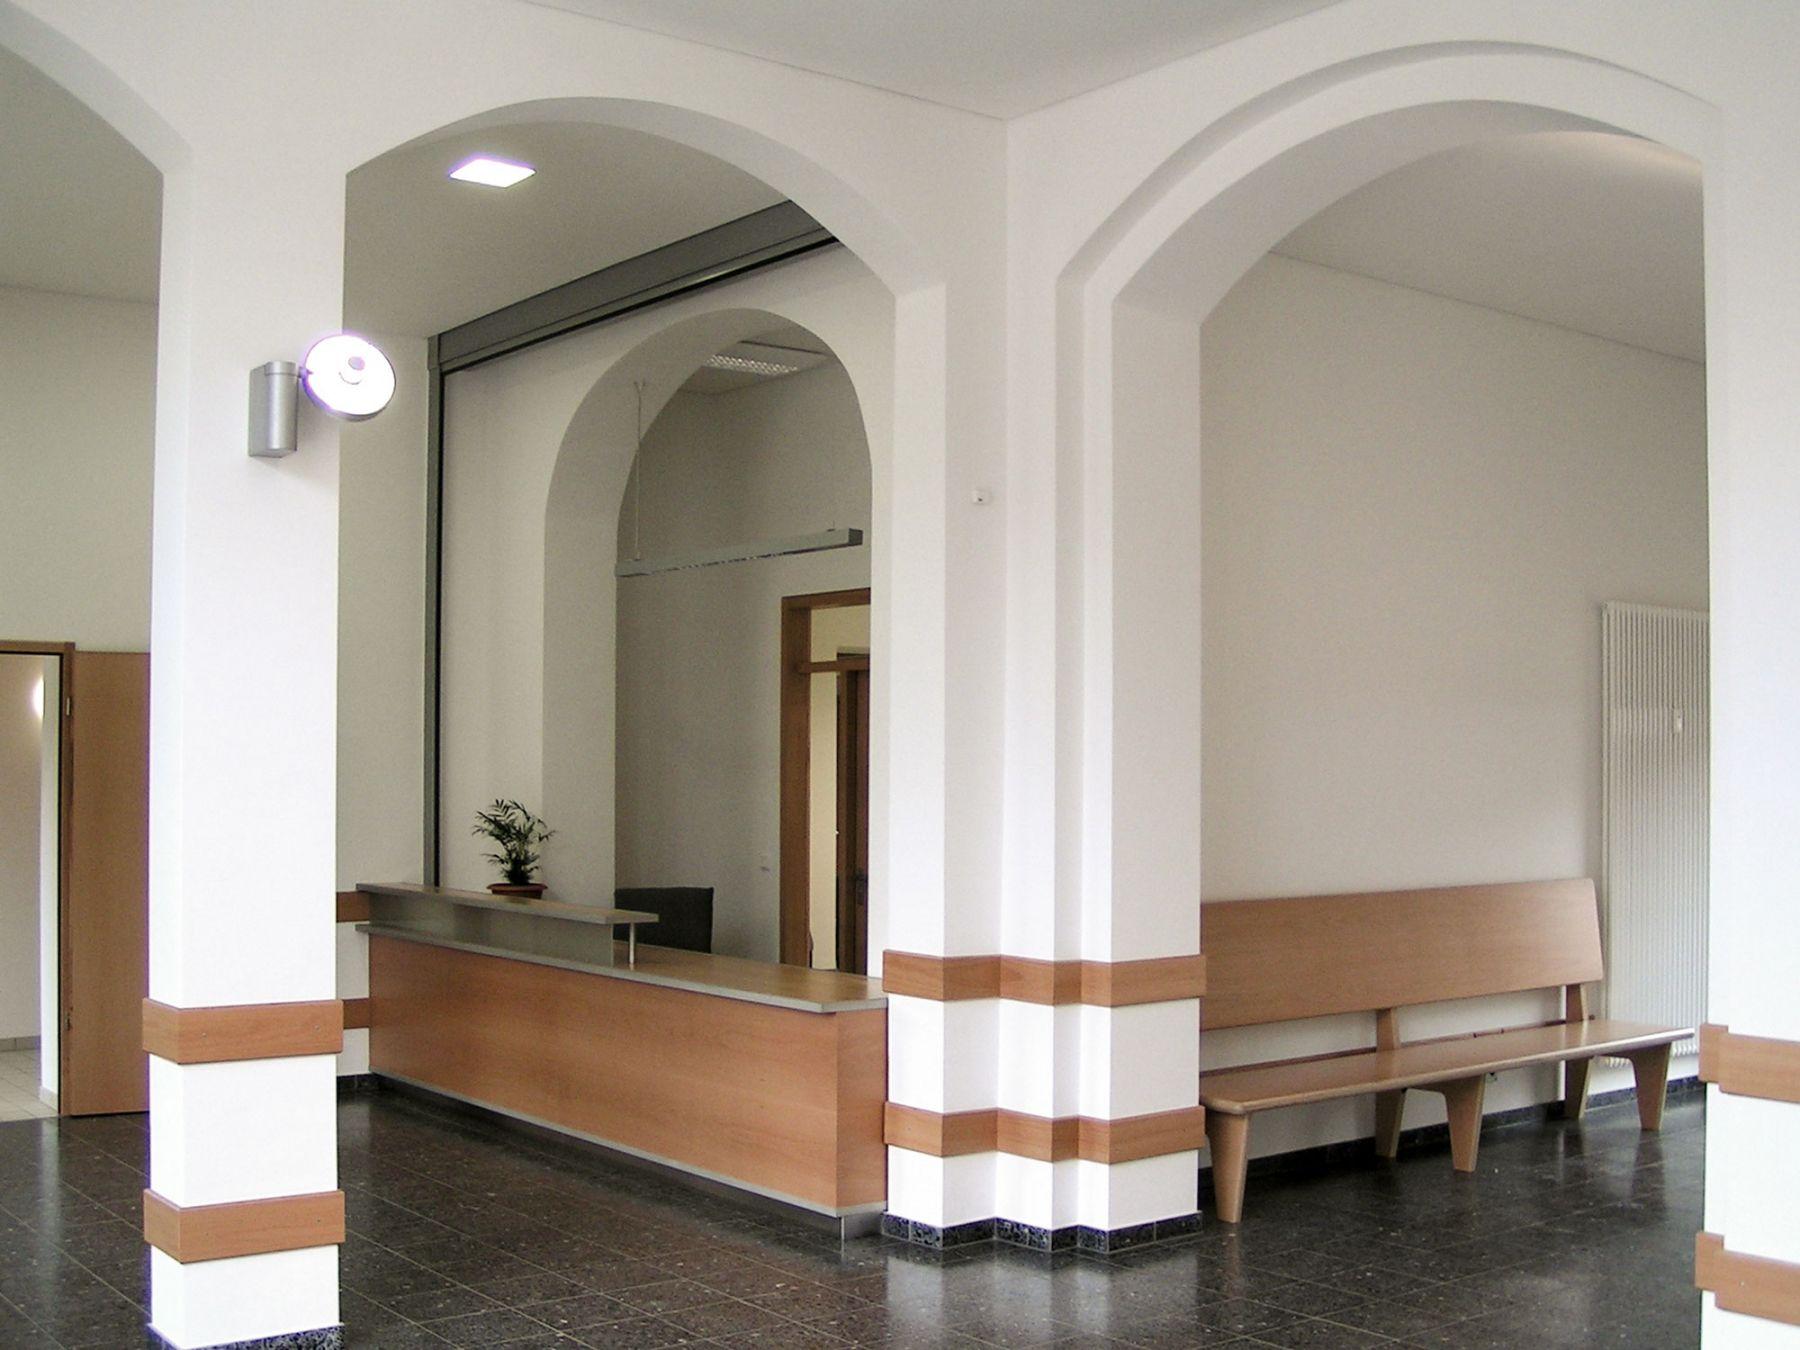 Kulturbahnhof Bad Salzdetfurth